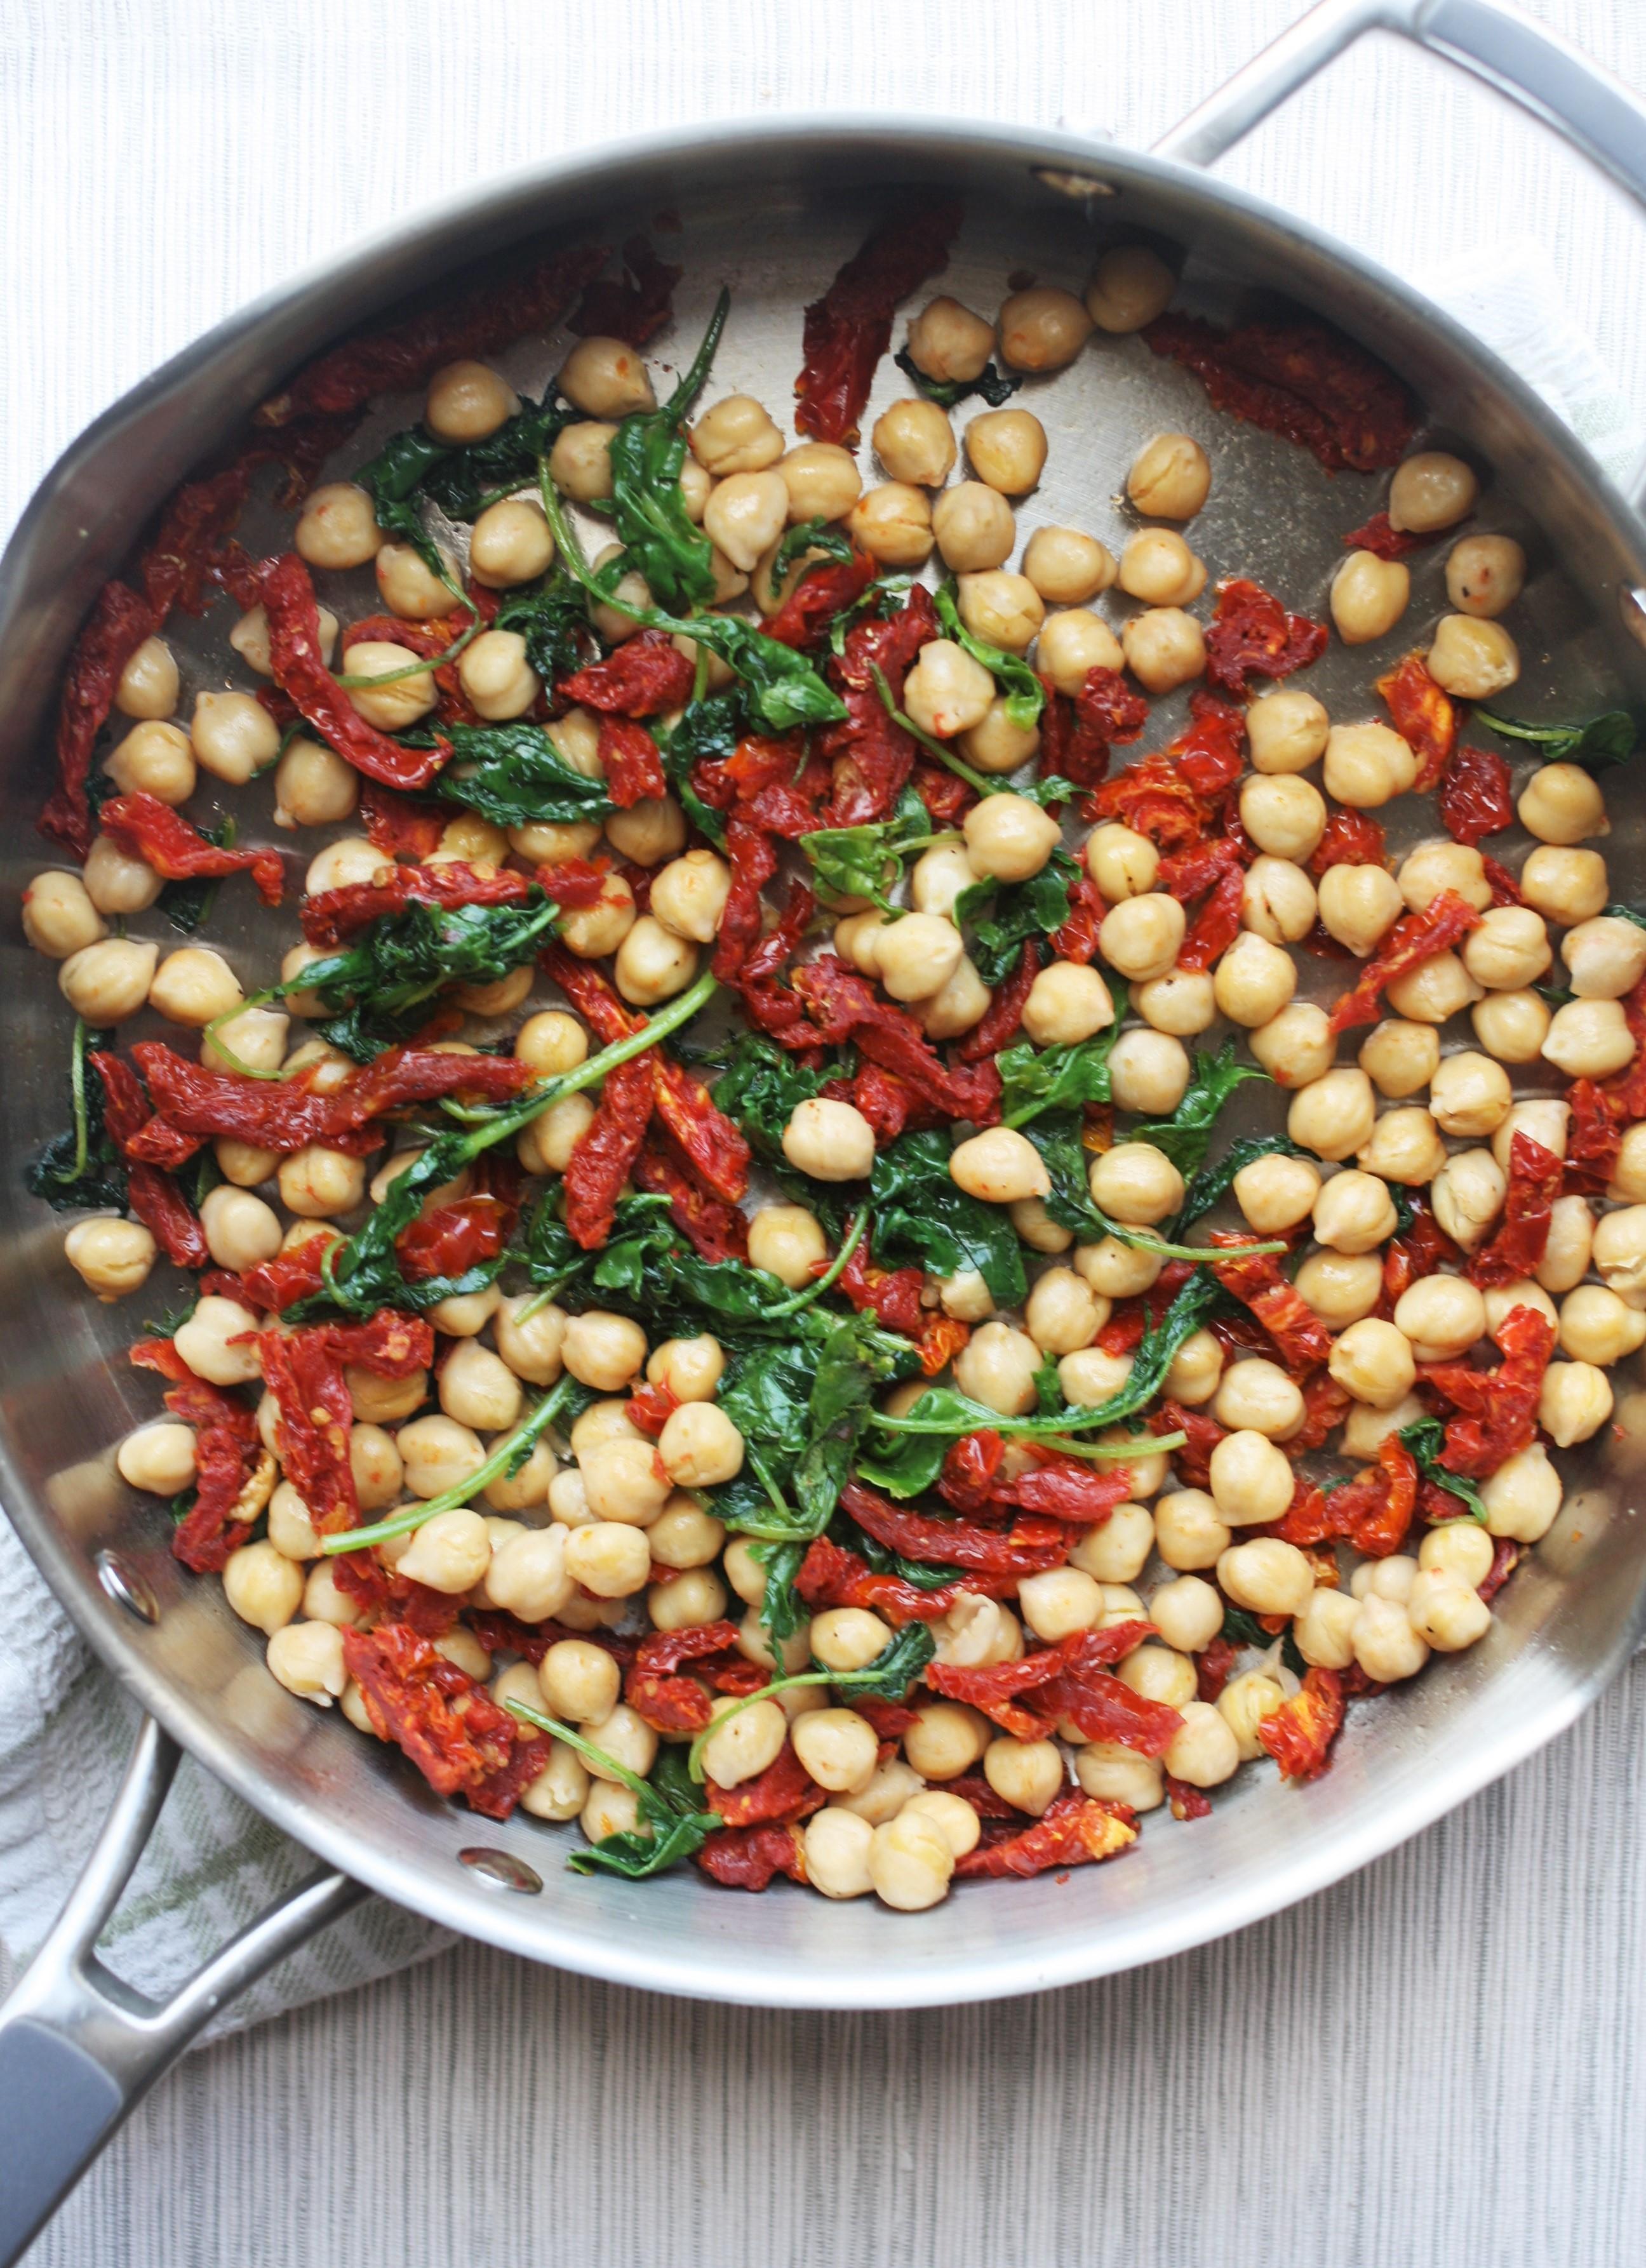 Mediterranean Farro SaladOrchard Street Kitchen